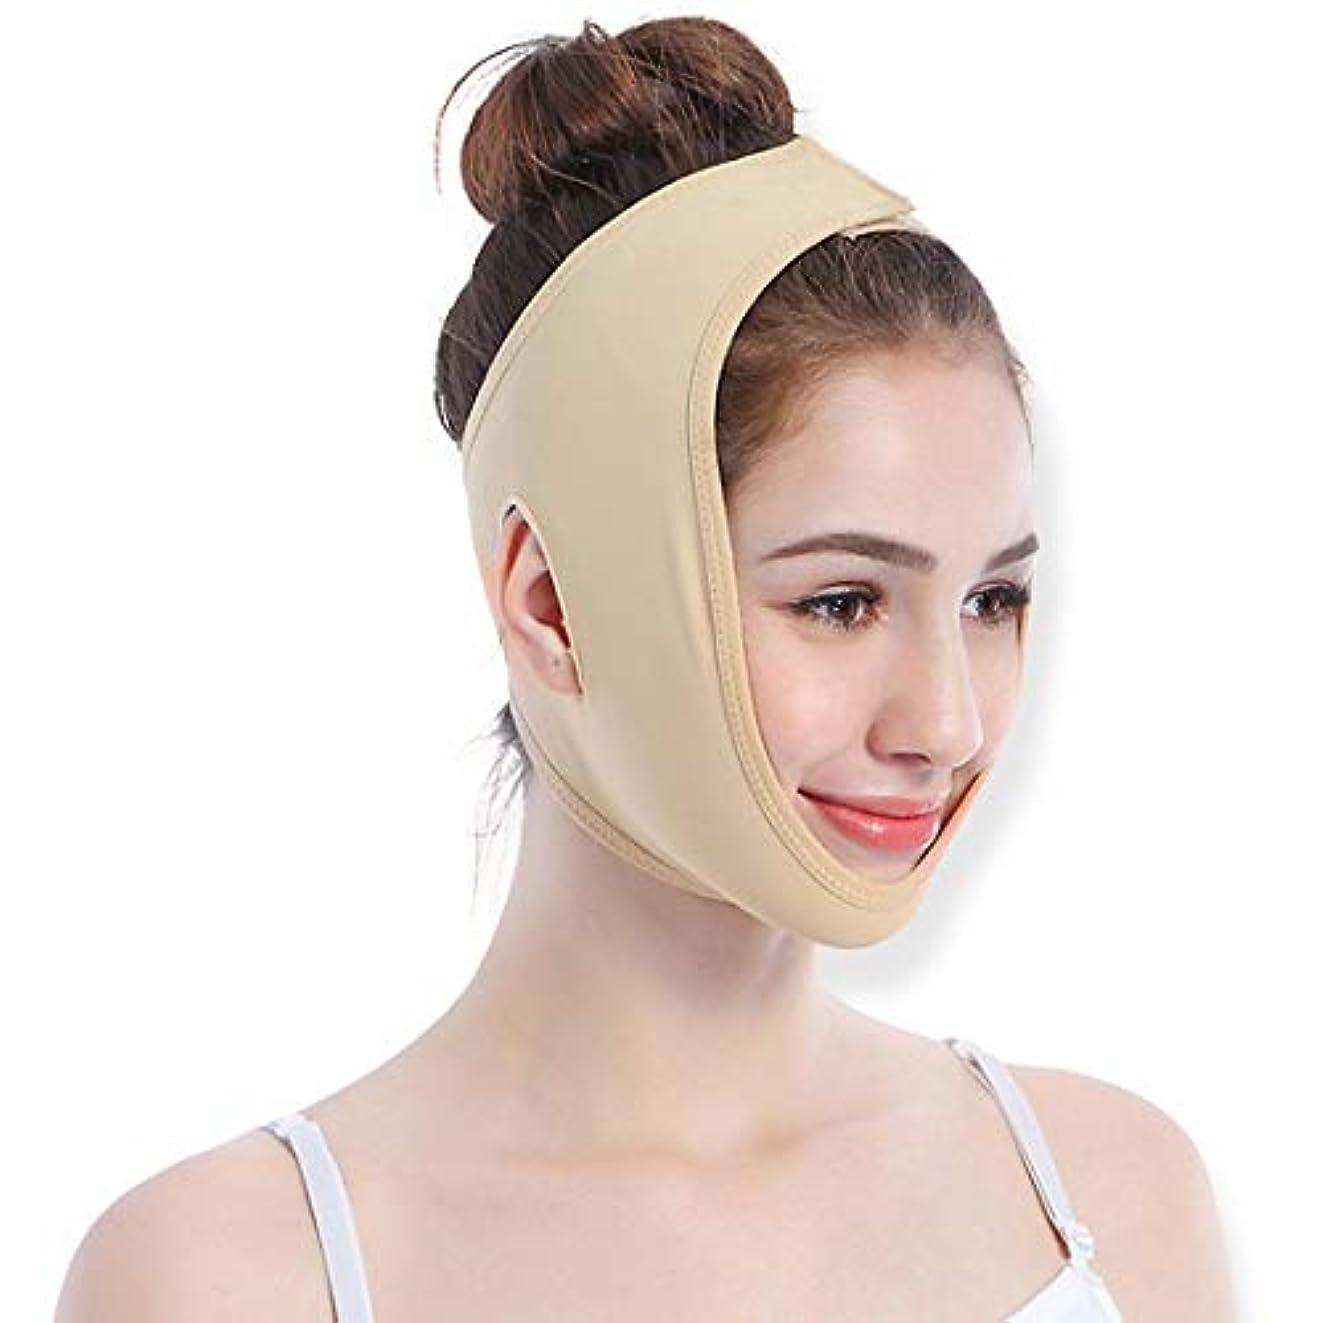 衰えるパット飾るZWBD フェイスマスク, フェイスリフティング包帯フェイスリフティングフェイスリフティングフェイスV字型リフティング引き締め美容 (Size : XL)